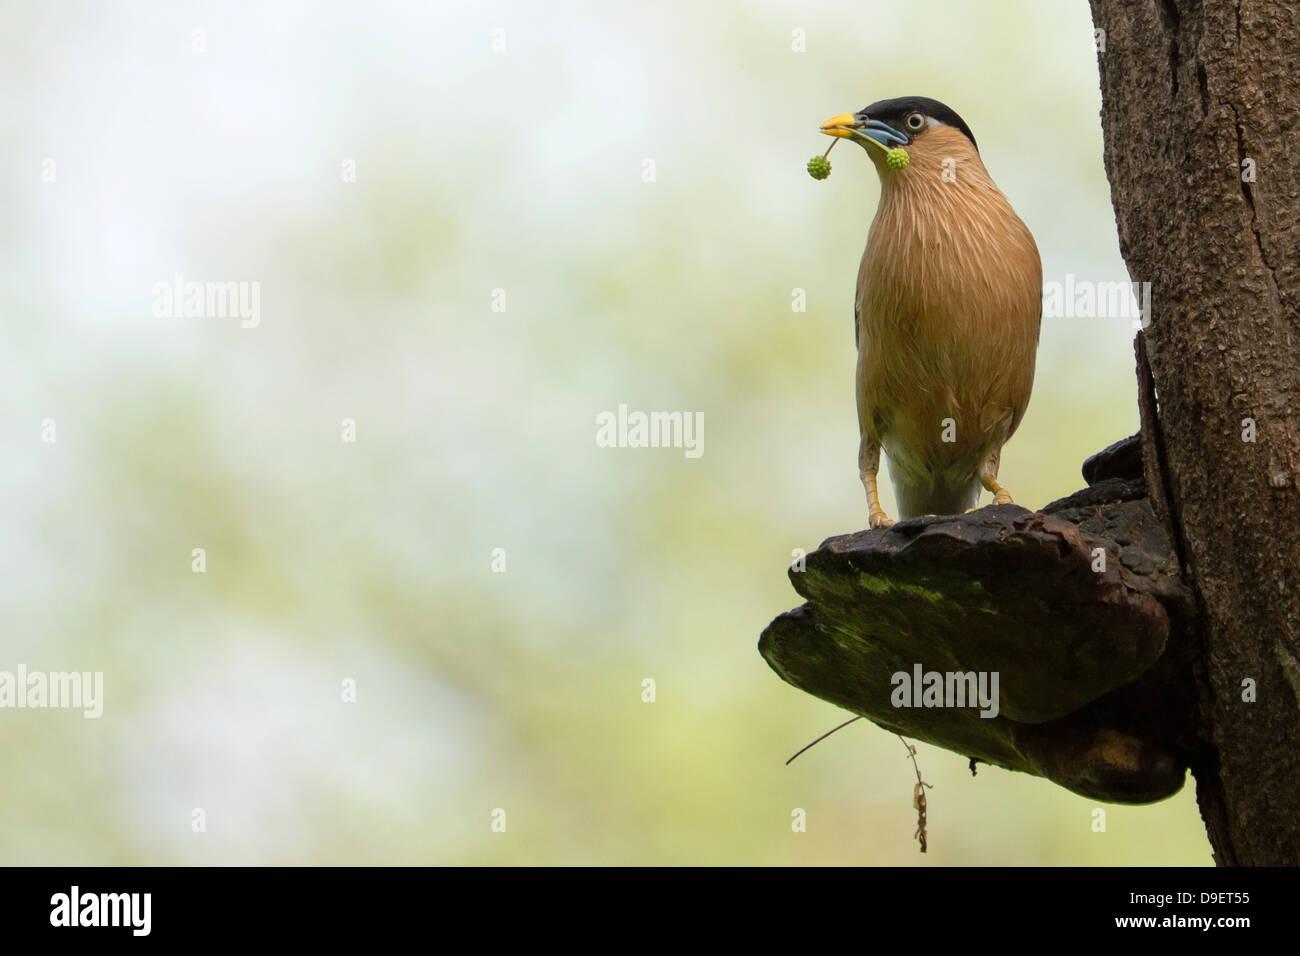 Brahminy Myna or Brahminy Starling (Sturnia pagodarum) - Stock Image